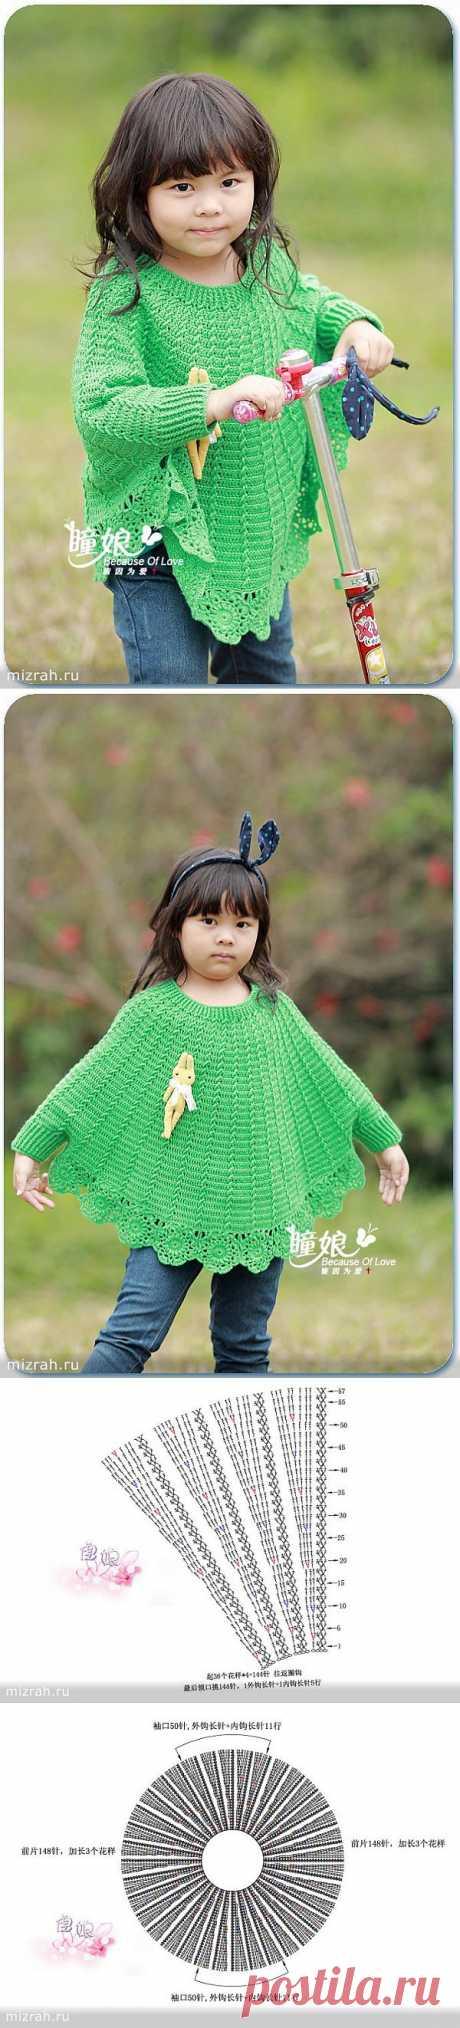 Пончо-пуловер крючком для девочек.